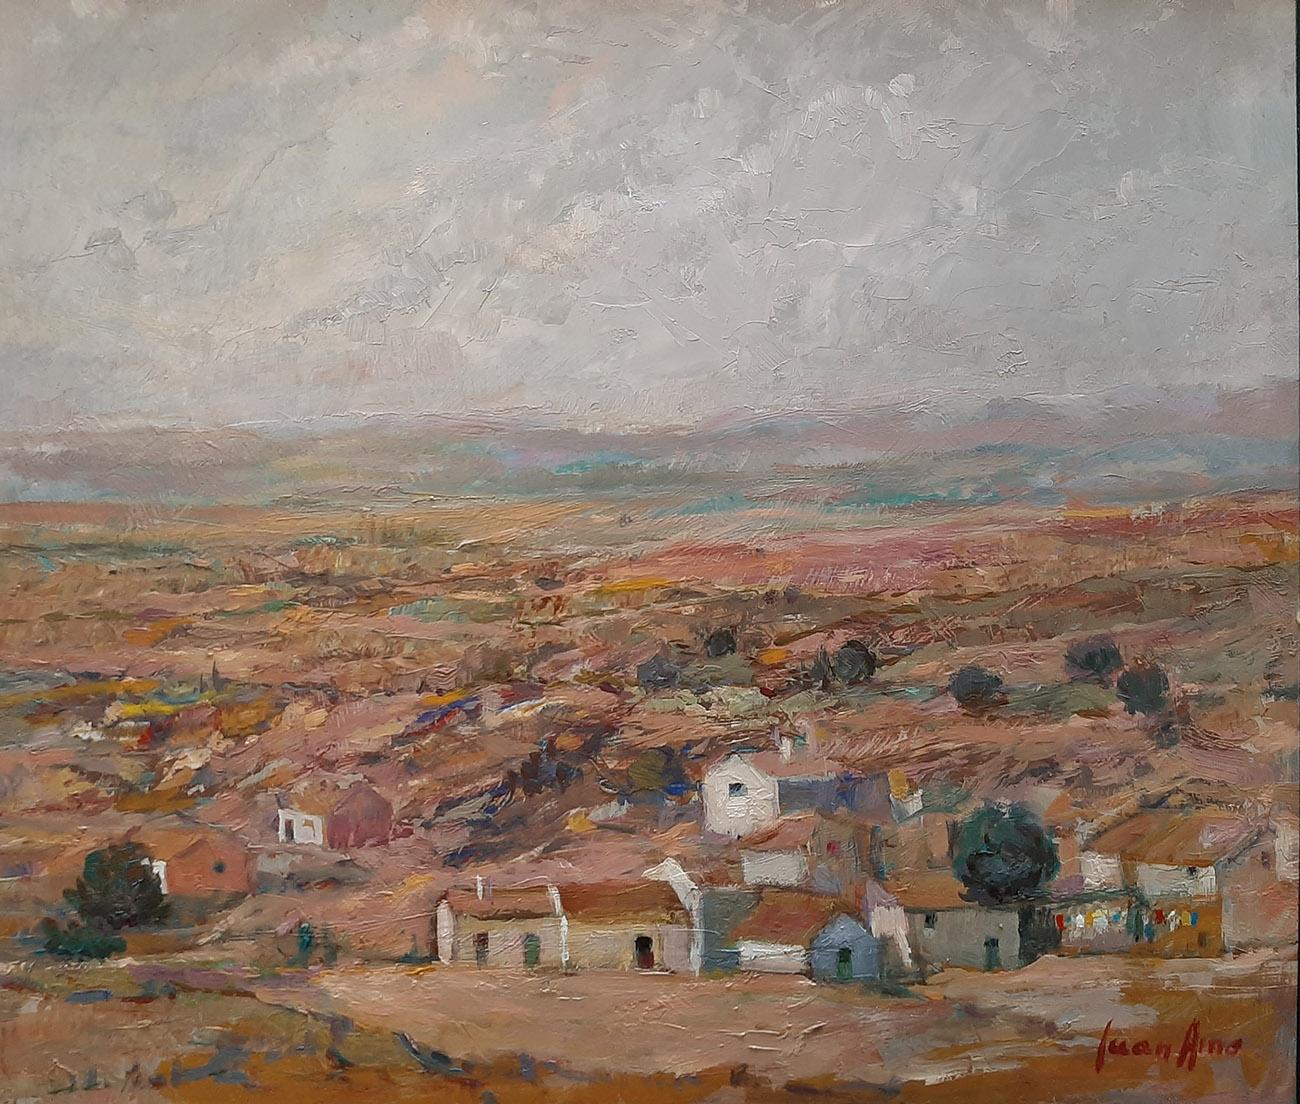 Juan Amo. (1991). El Pueblo Tranquilo. Óleo - Tabla. 39 x 43. Colección Privada.